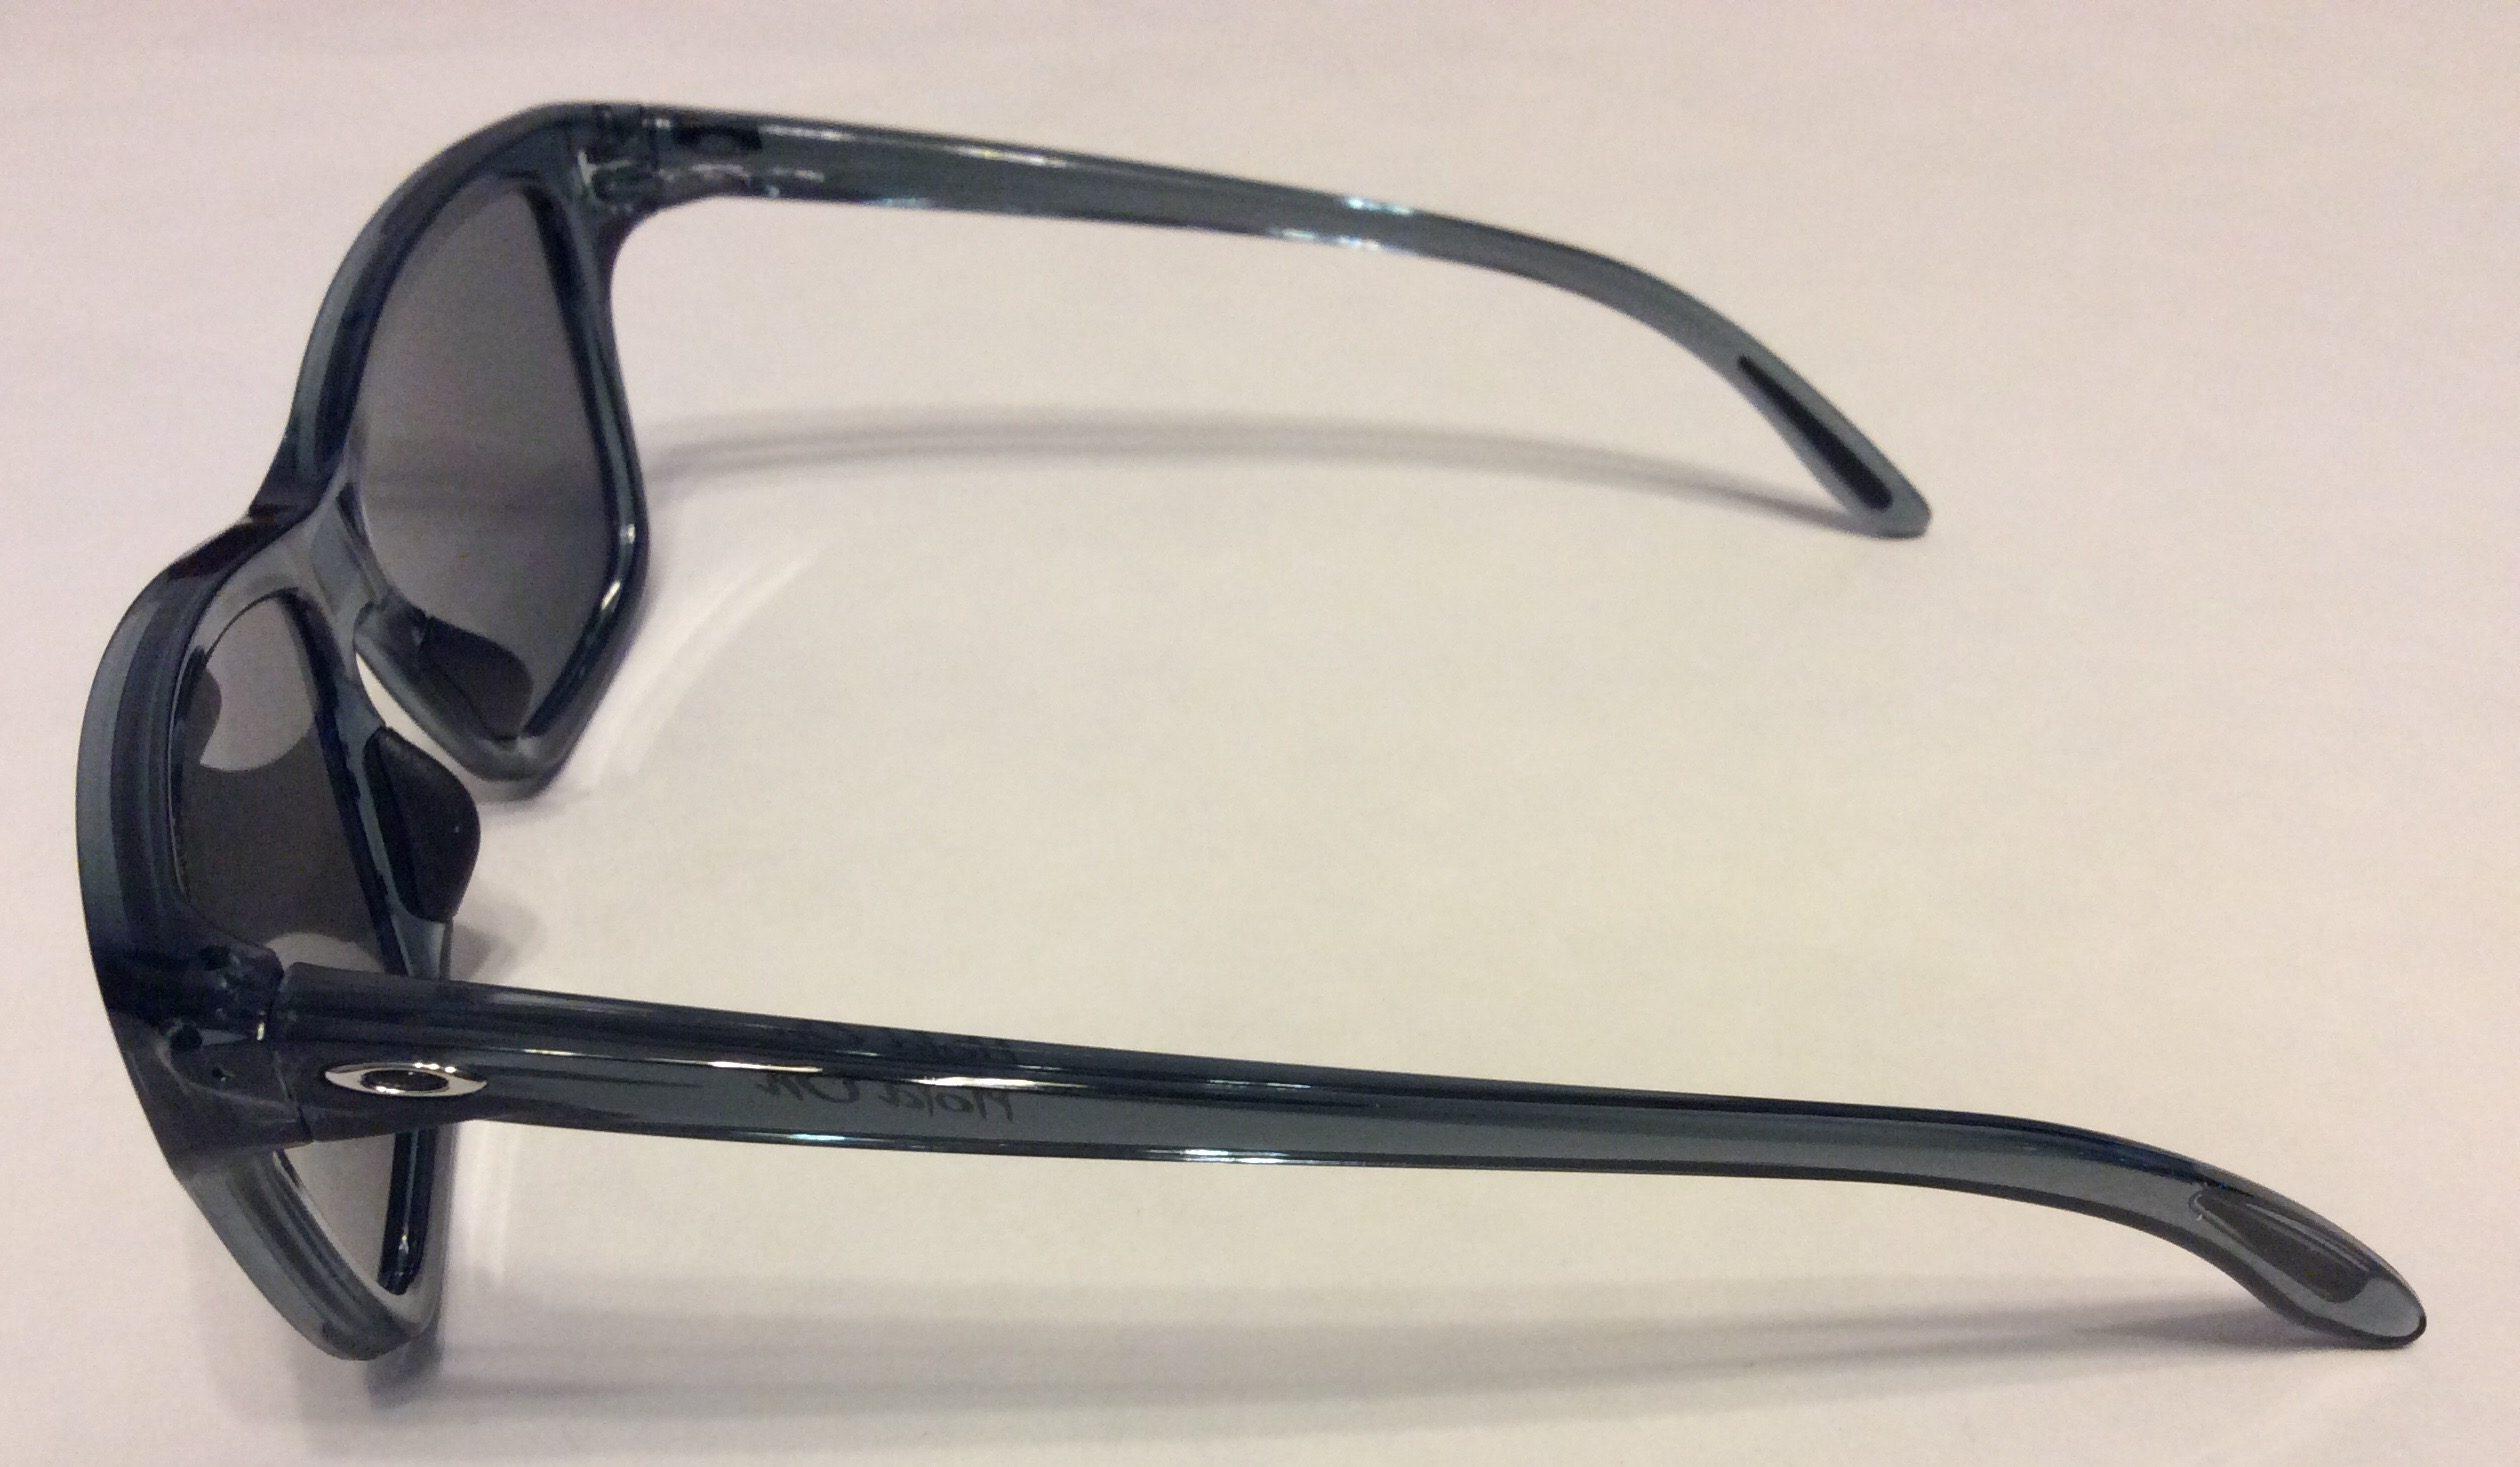 be0b786799 Oakley Hold On Sunglasses - Crystal Black - Chrome Iridium - OO9298-03